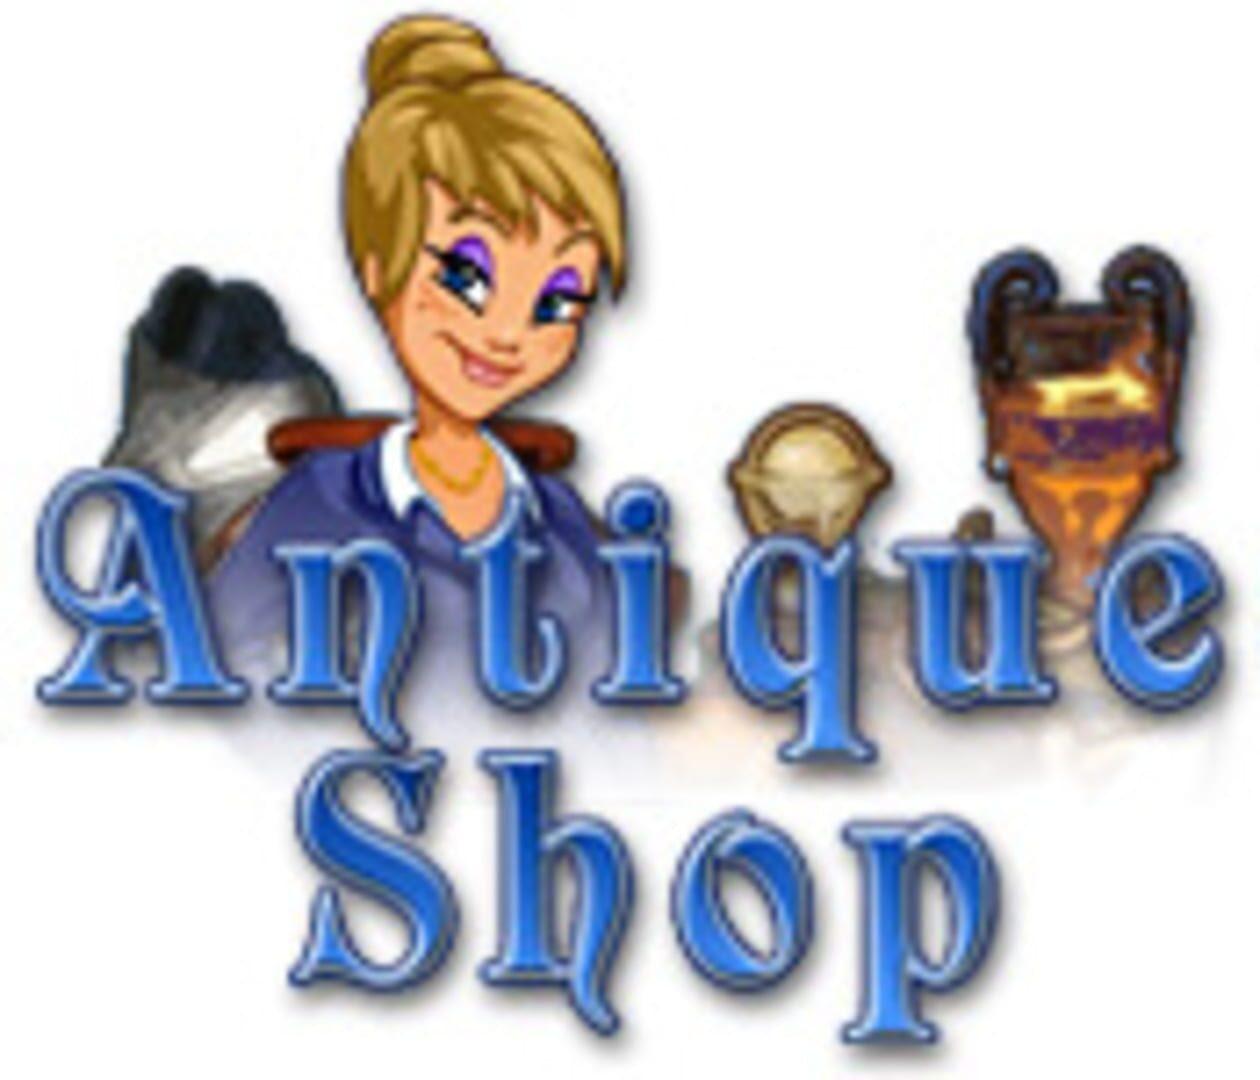 buy Antique Shop cd key for all platform